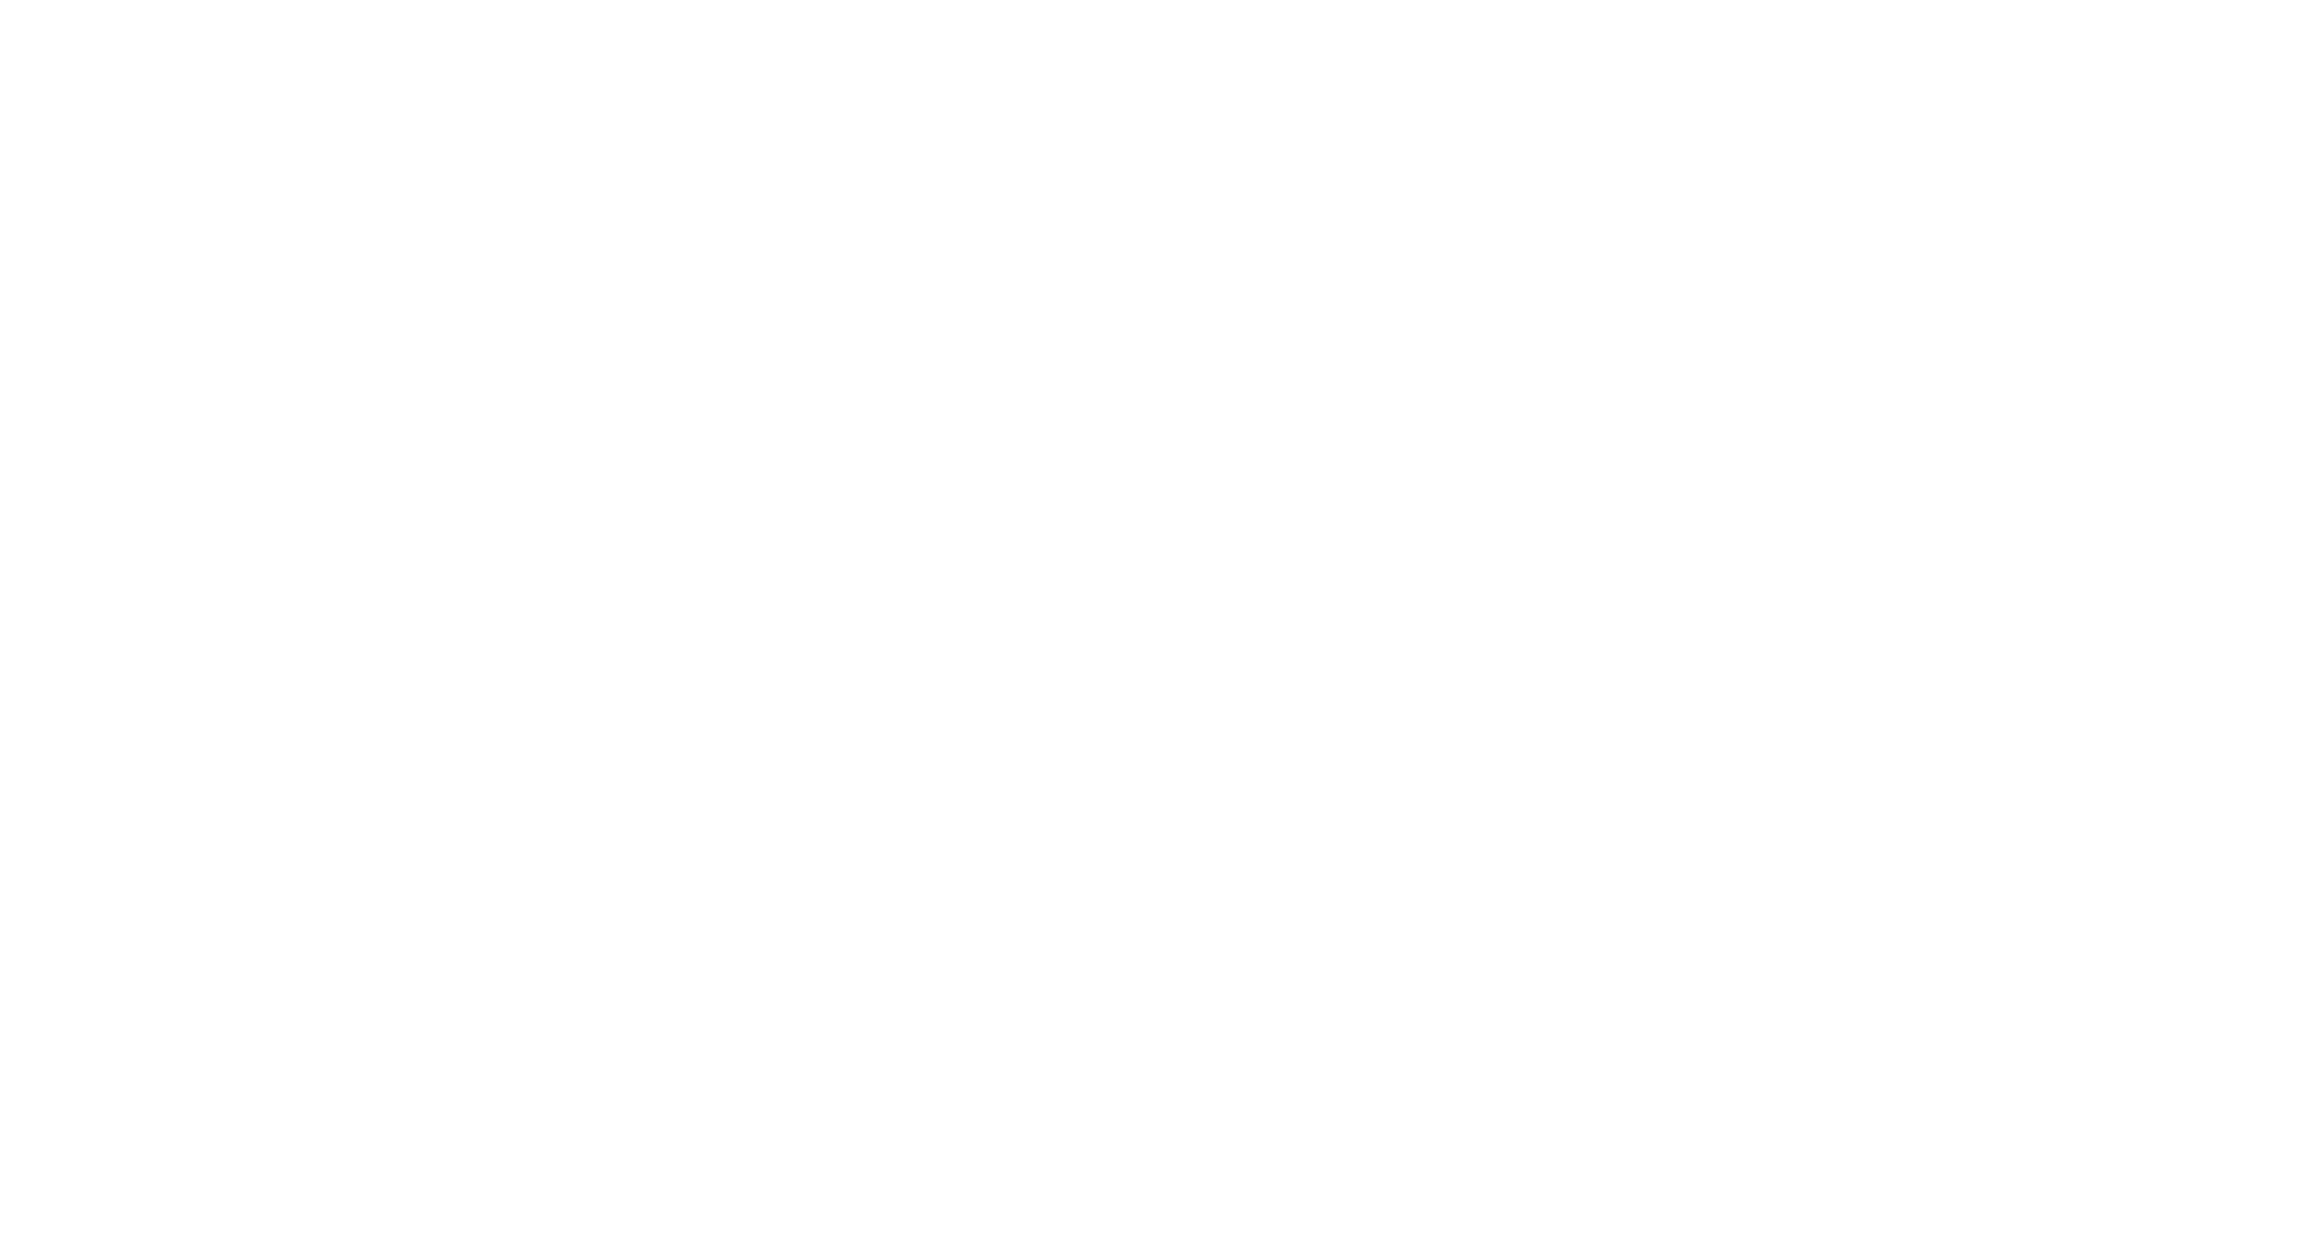 logo-telf.png